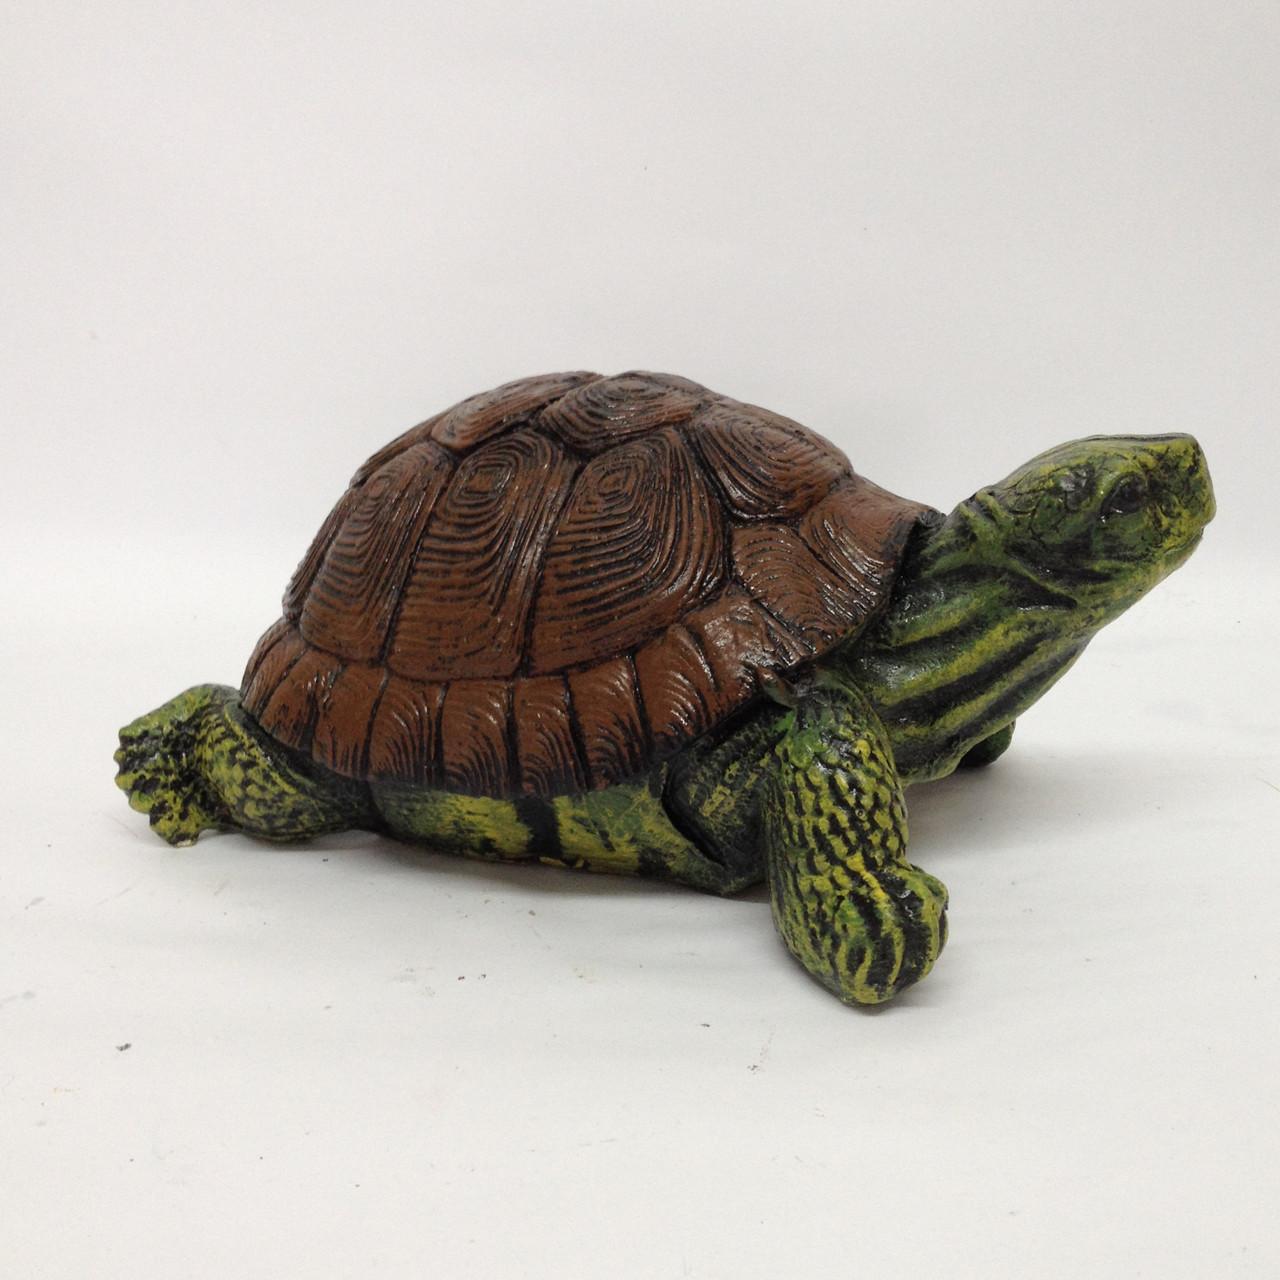 Садова фігура Черепаха маленька 10 см